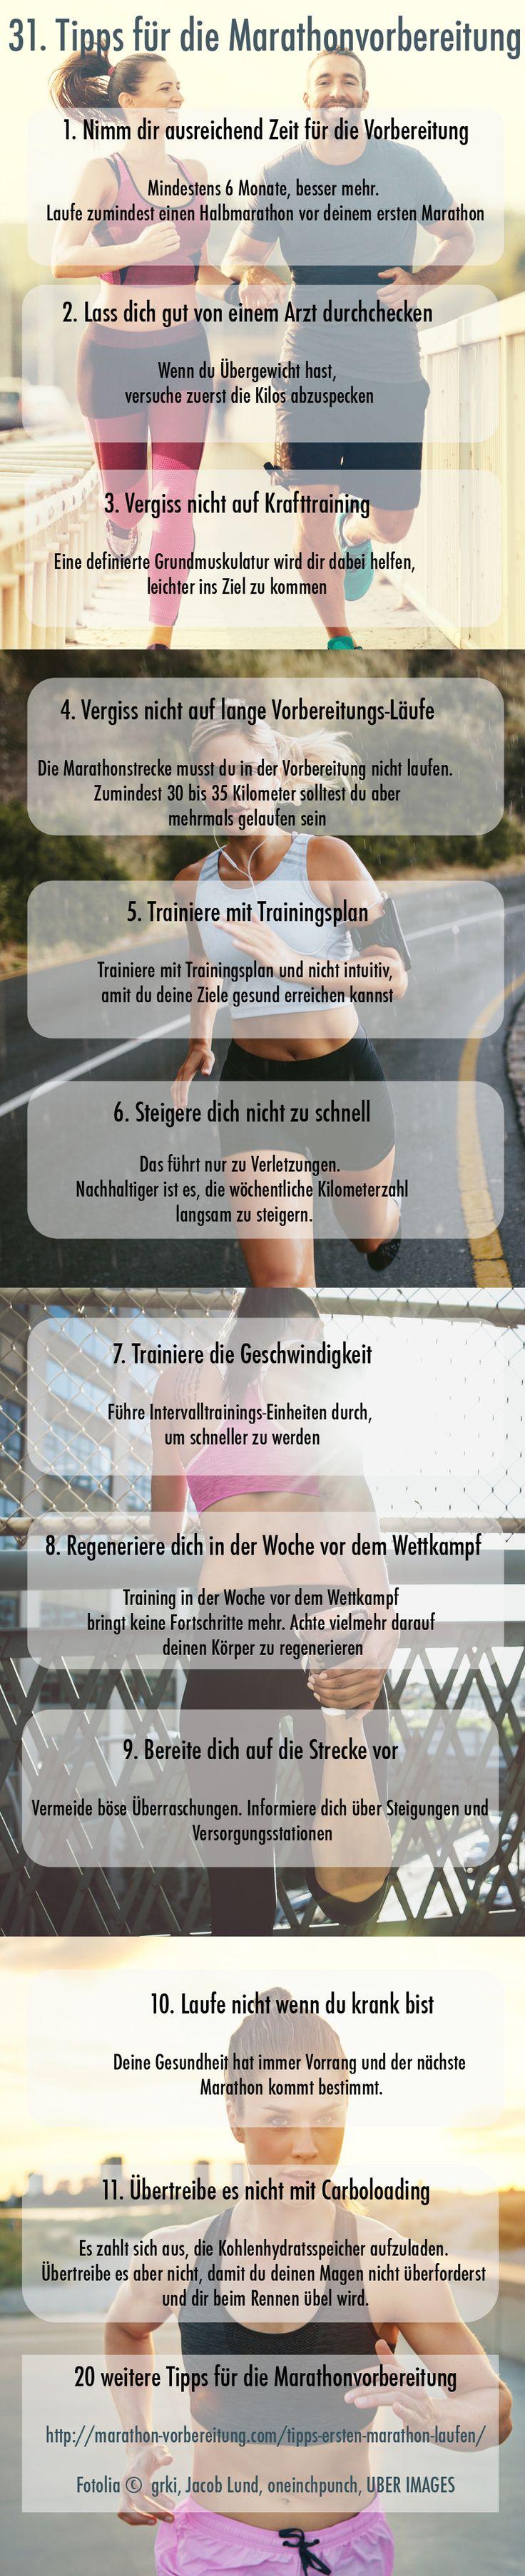 Wie läufst du deinen ersten Marathon? Mit unseren 31 Tipps für die Marathonvorbereitung kommst du sicher hinter die Ziellinie http://marathon-vorbereitung.com/tipps-ersten-marathon-laufen/